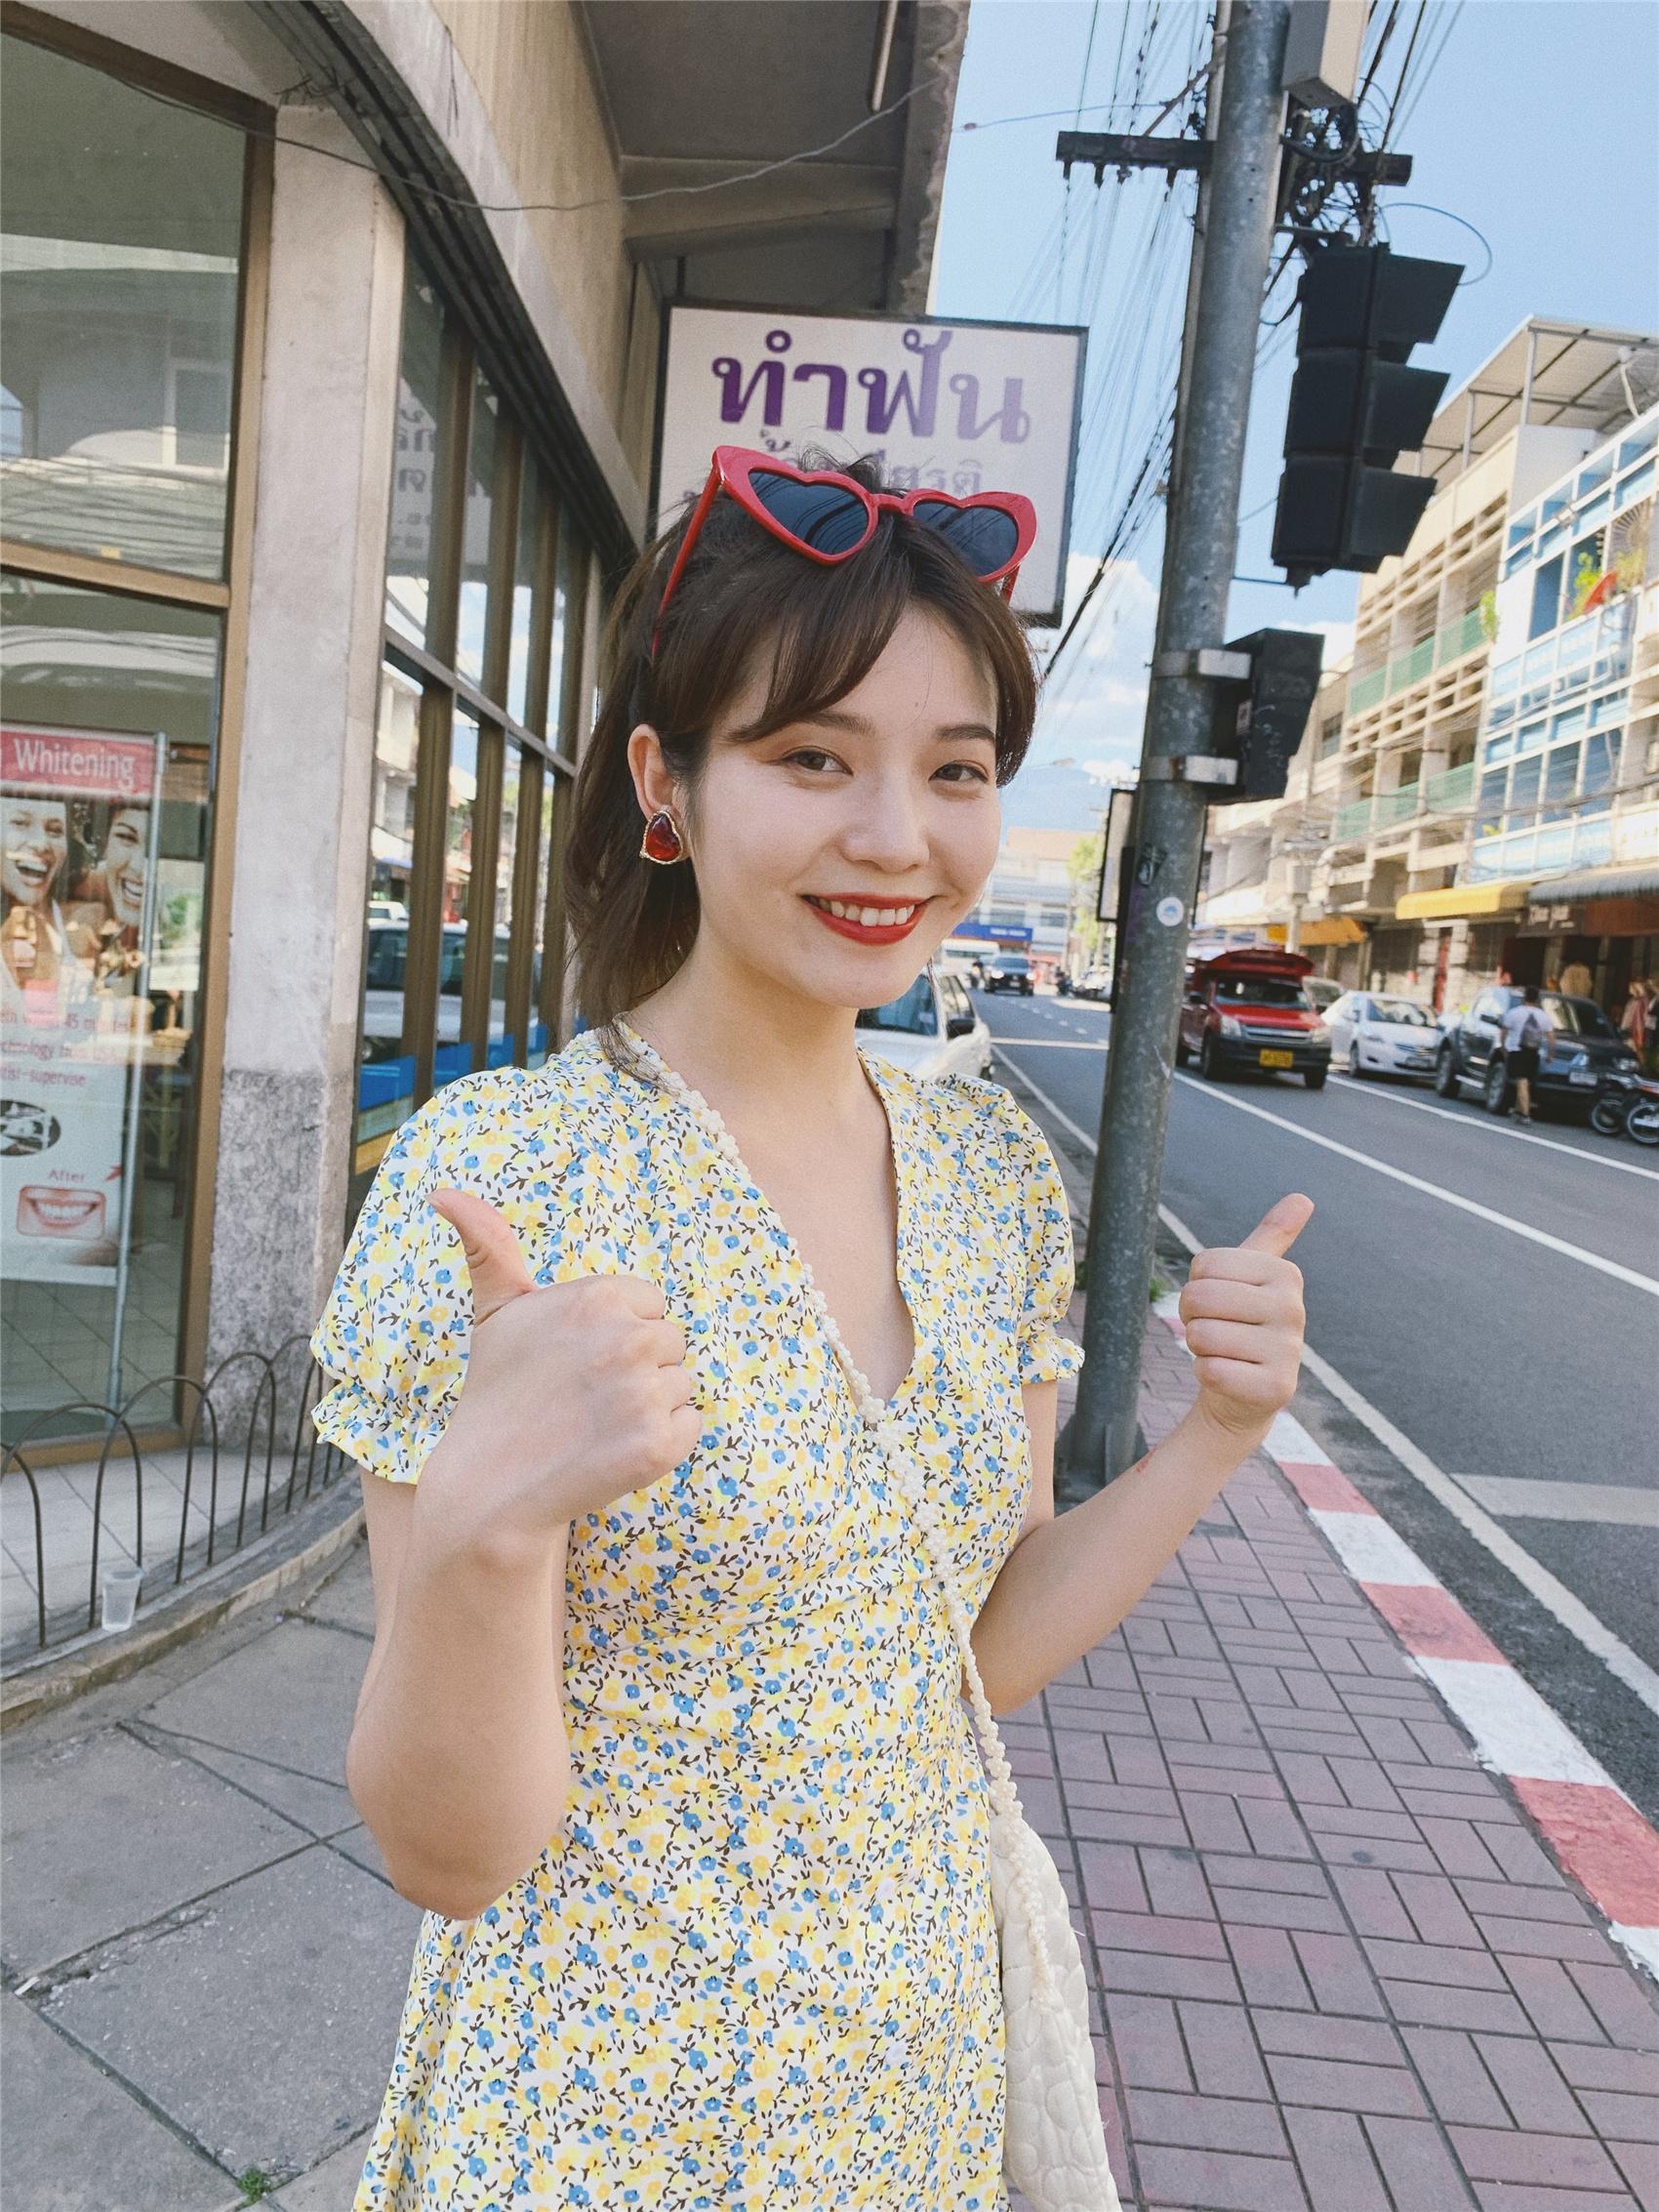 Cardamom thời gian mùa hè trứng đẻ meo 2020 mùa xuân và mùa hè cô gái retro màu vàng hoa nhỏ tươi và mỏng trang phục kỳ nghỉ - Sản phẩm HOT